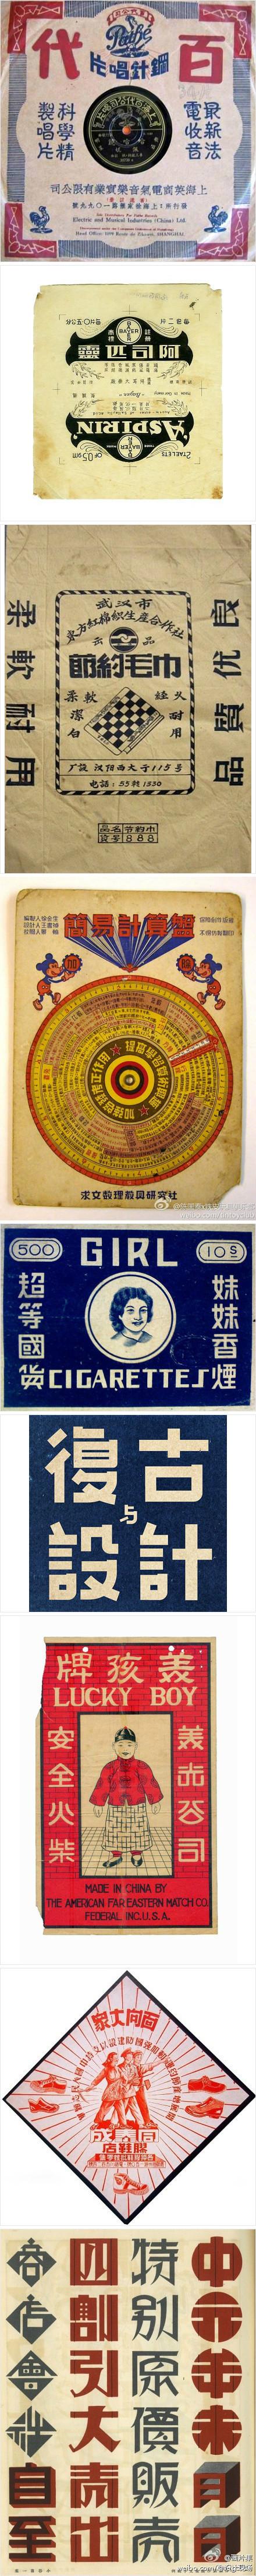 老字体 old chinese fonts 復古圖像 Pinterest